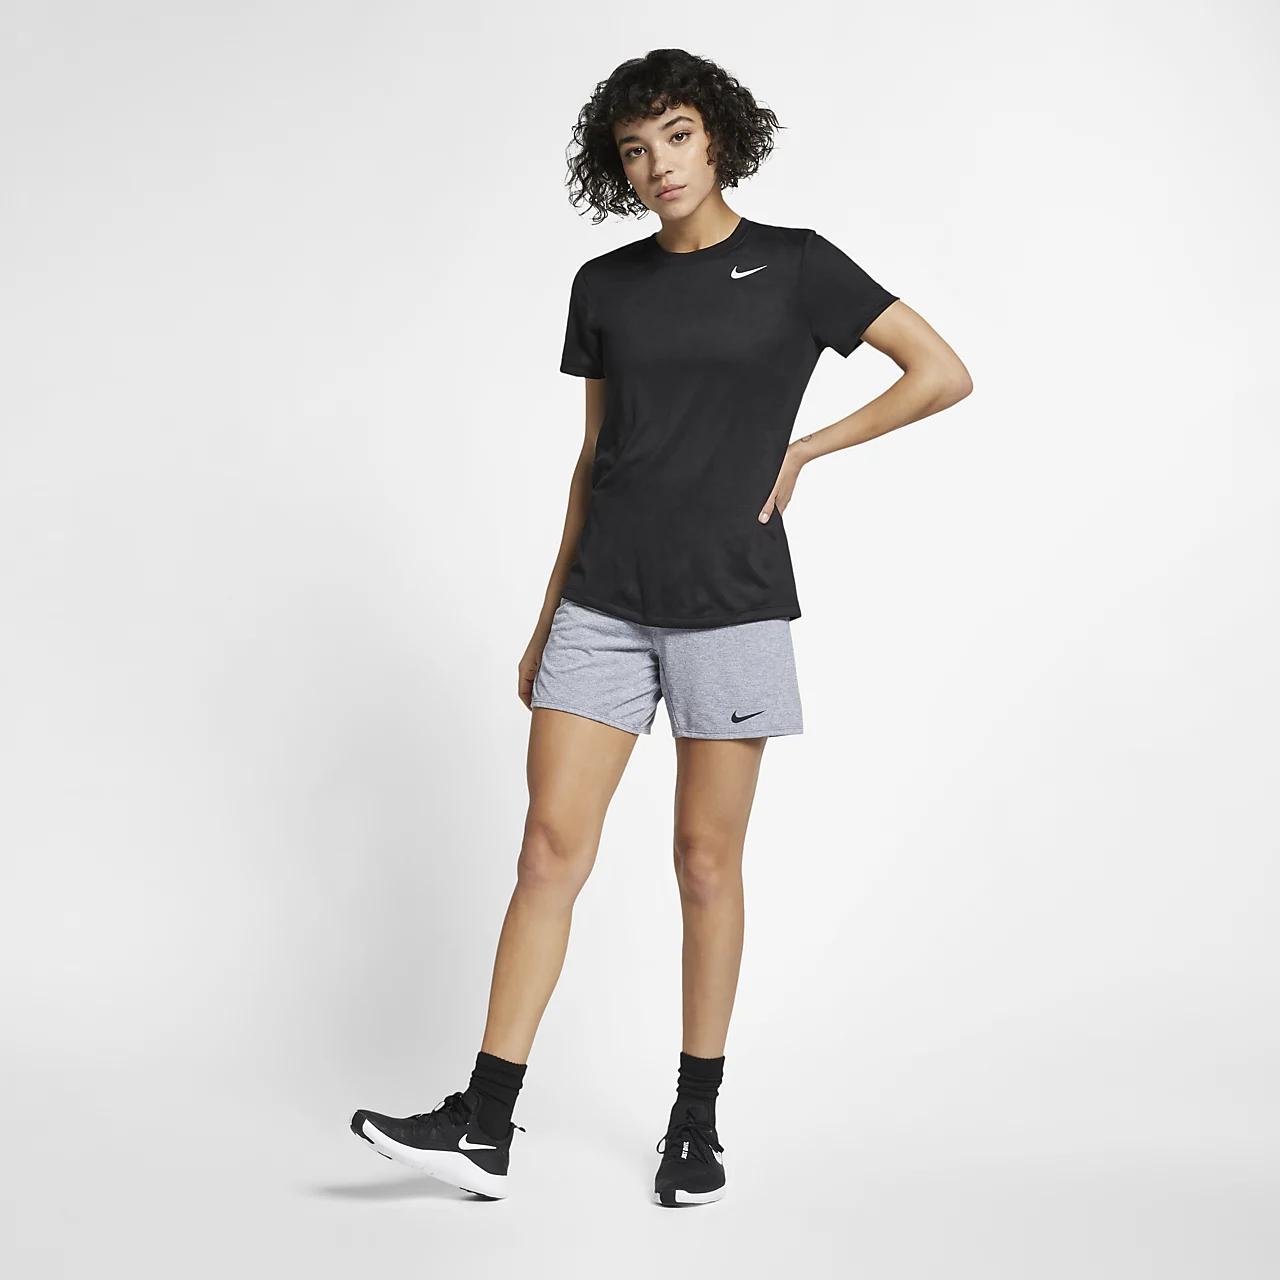 나이키 드라이핏 레전드 여성 트레이닝 티셔츠 AQ3210-010